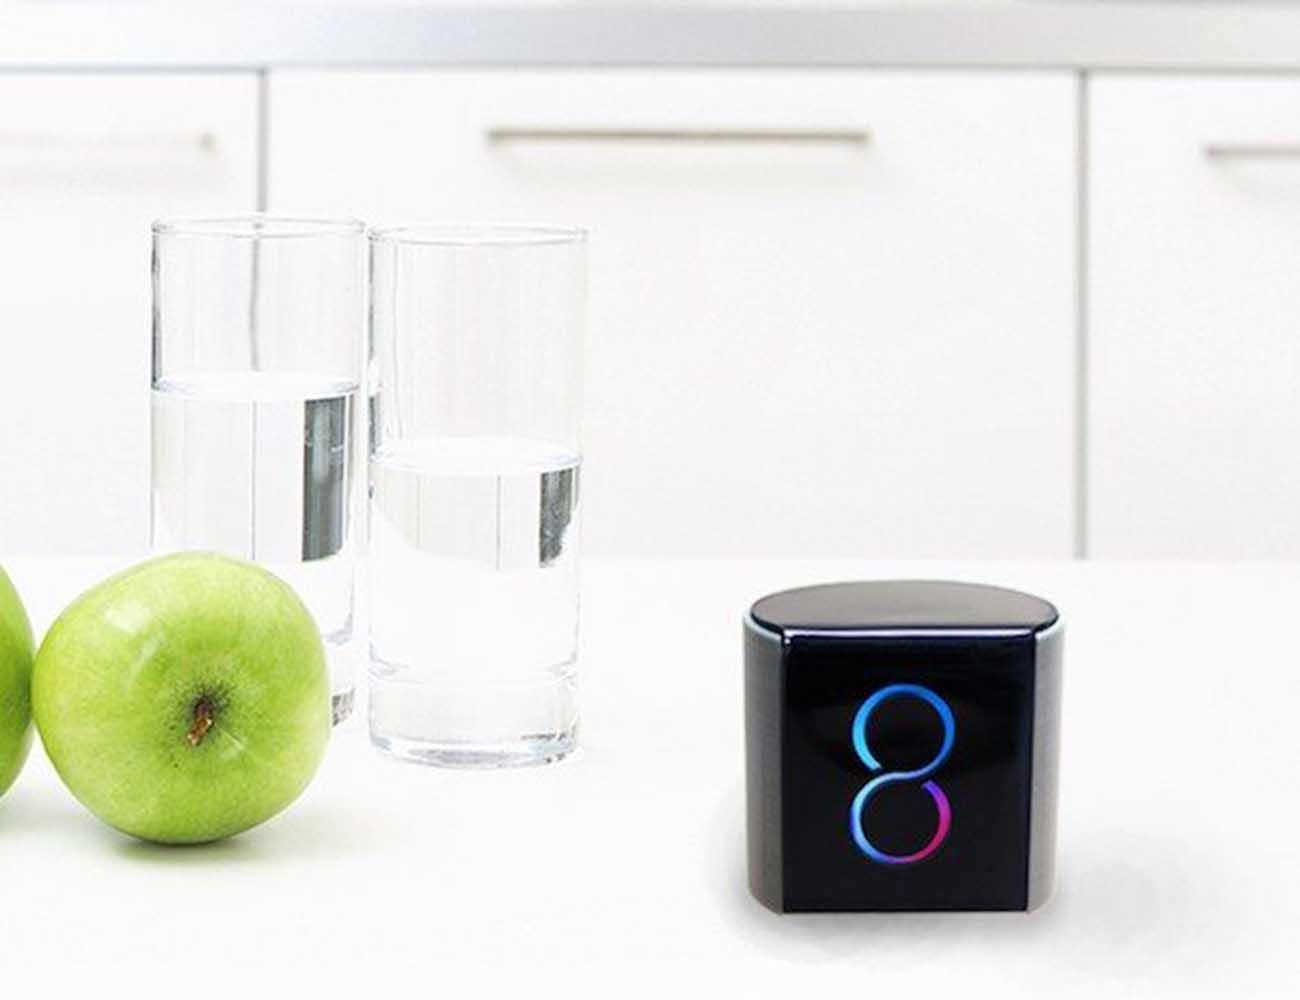 Sensly – Portable Pollution Sensor